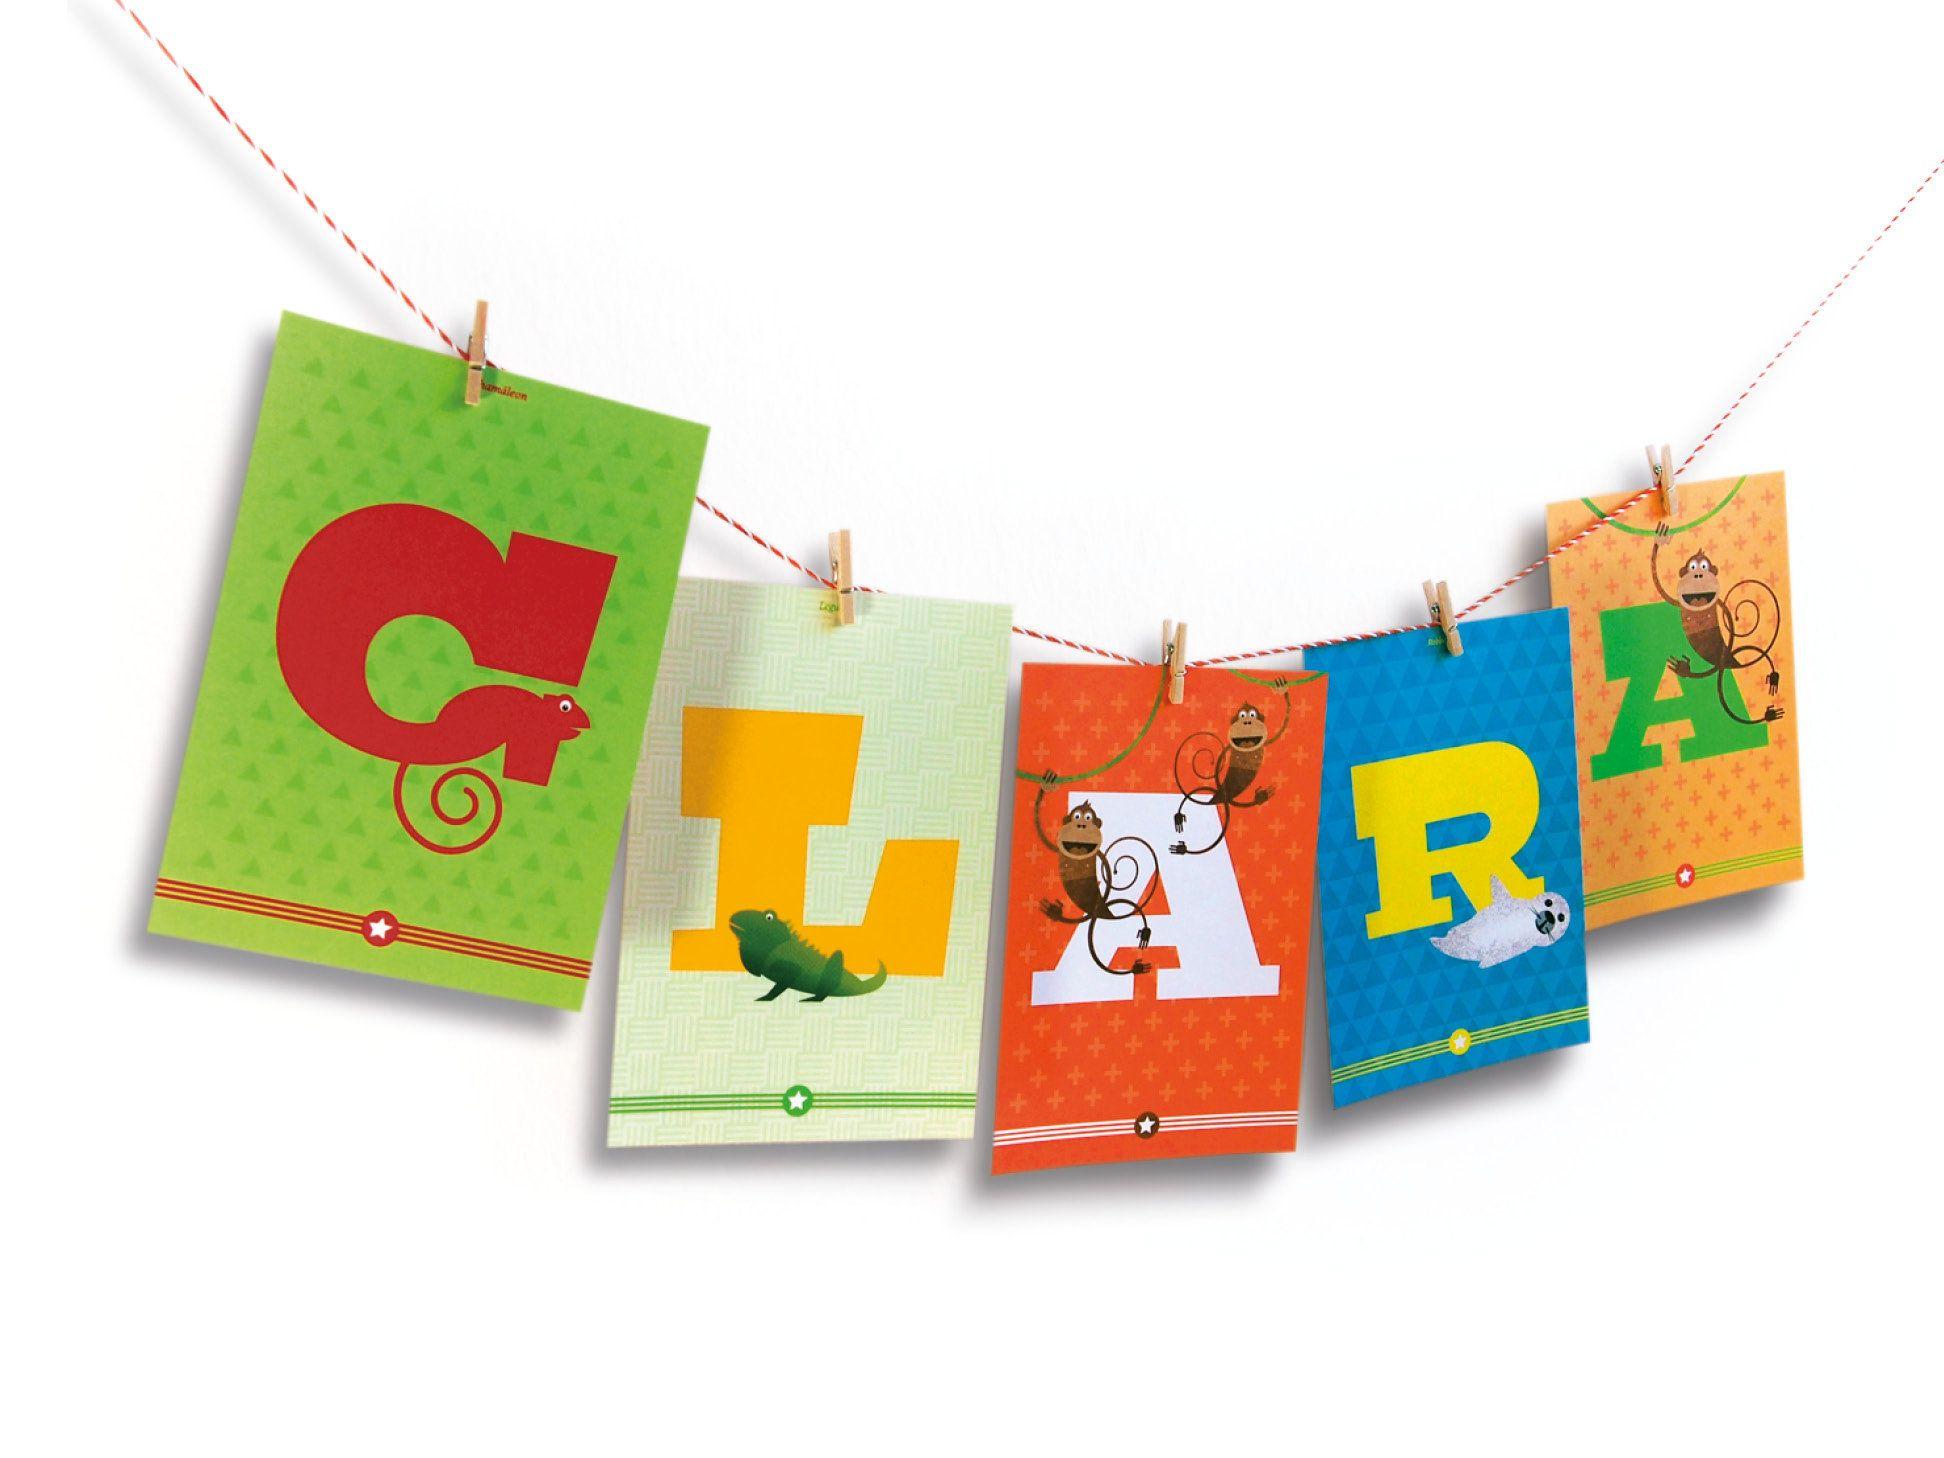 Mädchenvorname oder Jungenvorname mit 5 Buchstaben als Geschenk zur Geburt oder Taufe, personalisiertes Geschenk für's Kinderzimmer